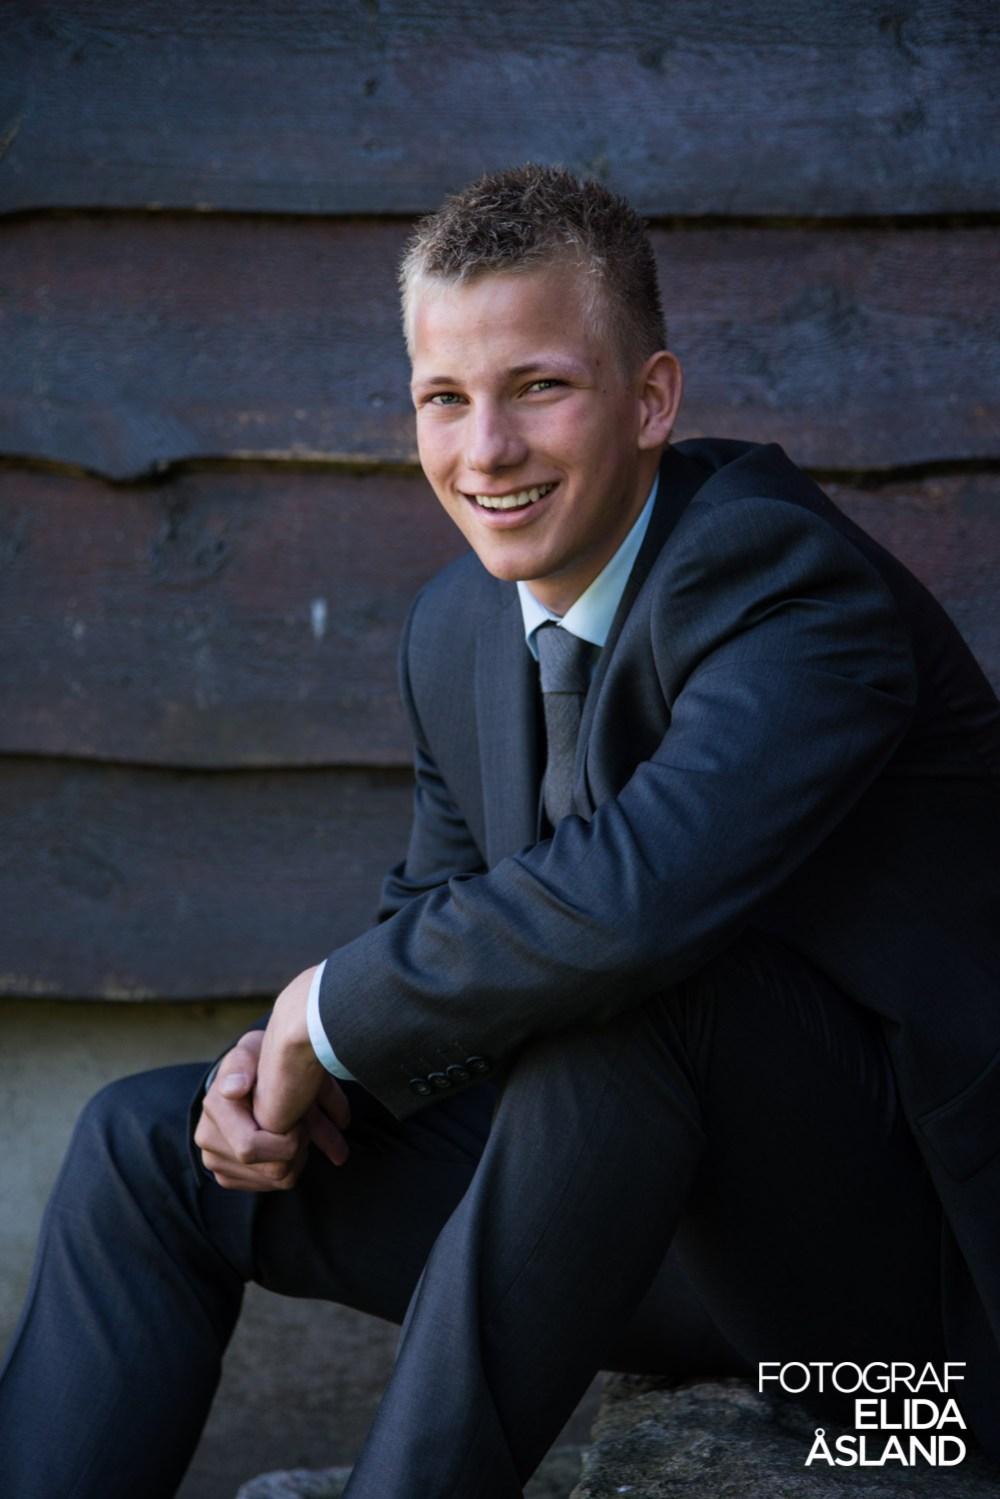 Konfirmanten Rune som smiler og sitter på en trapp med hendene foldet.